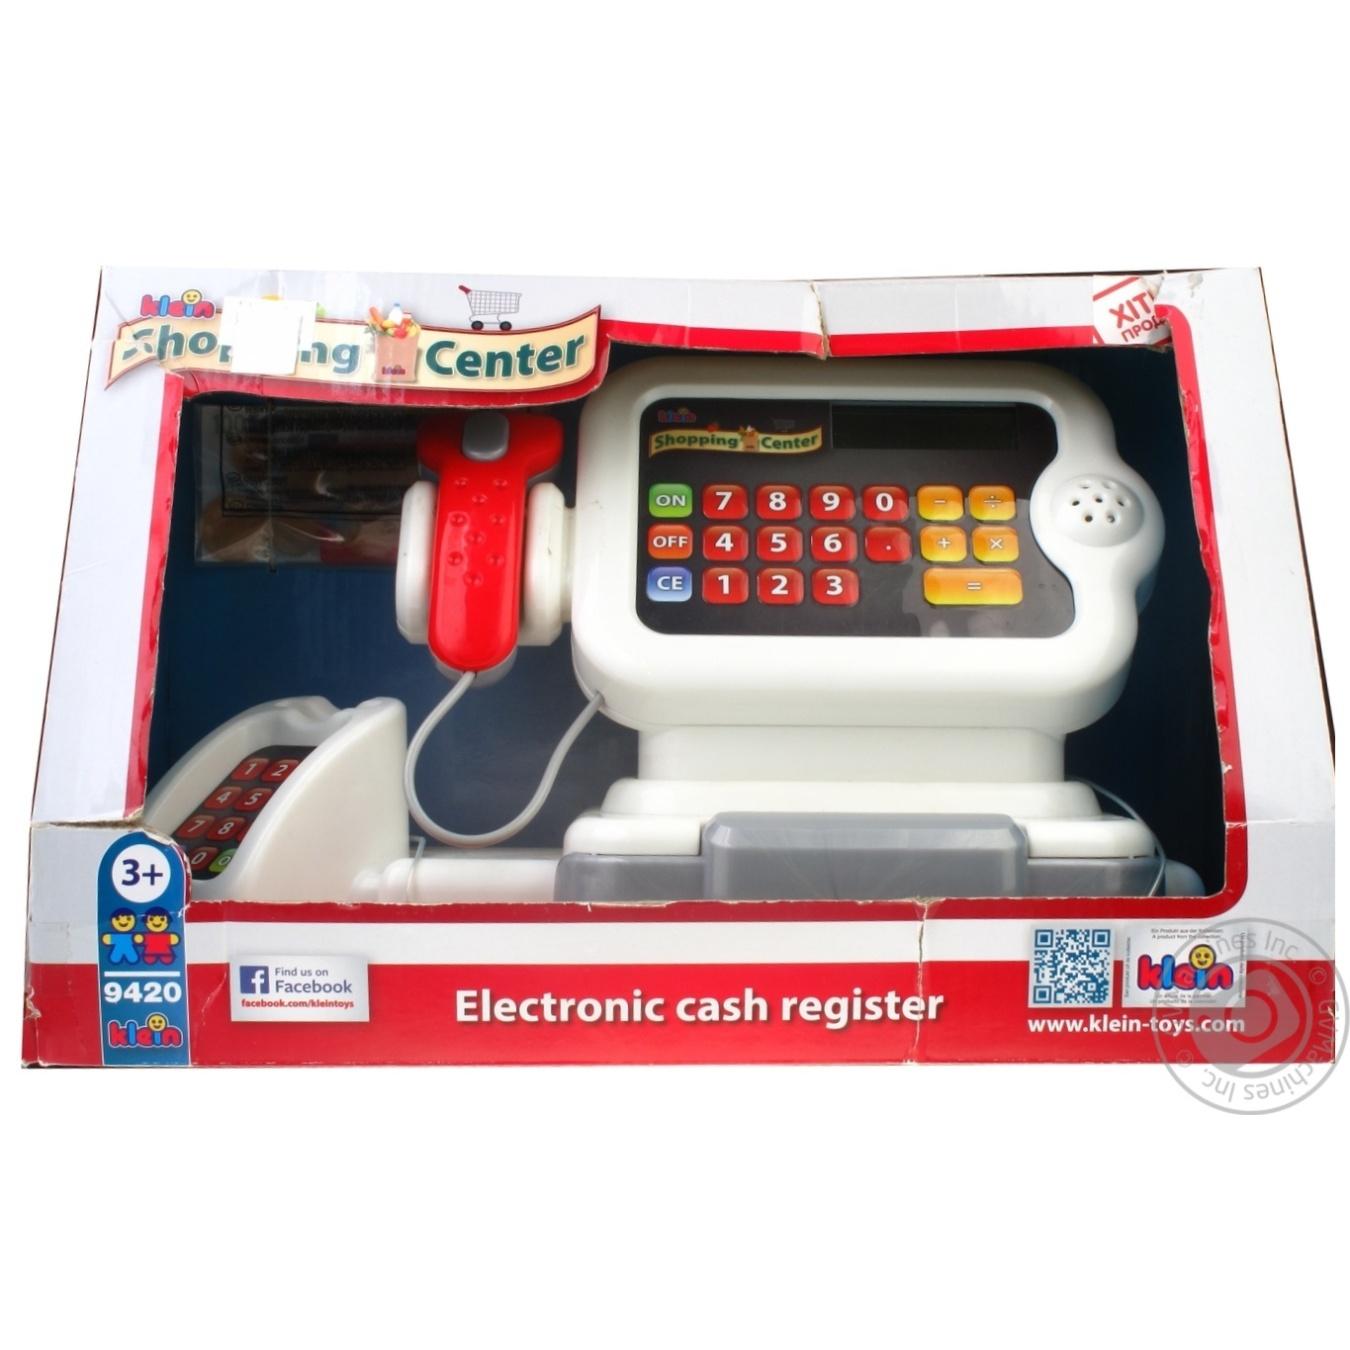 Іграшка Електронний касовий апарат арт.9420*